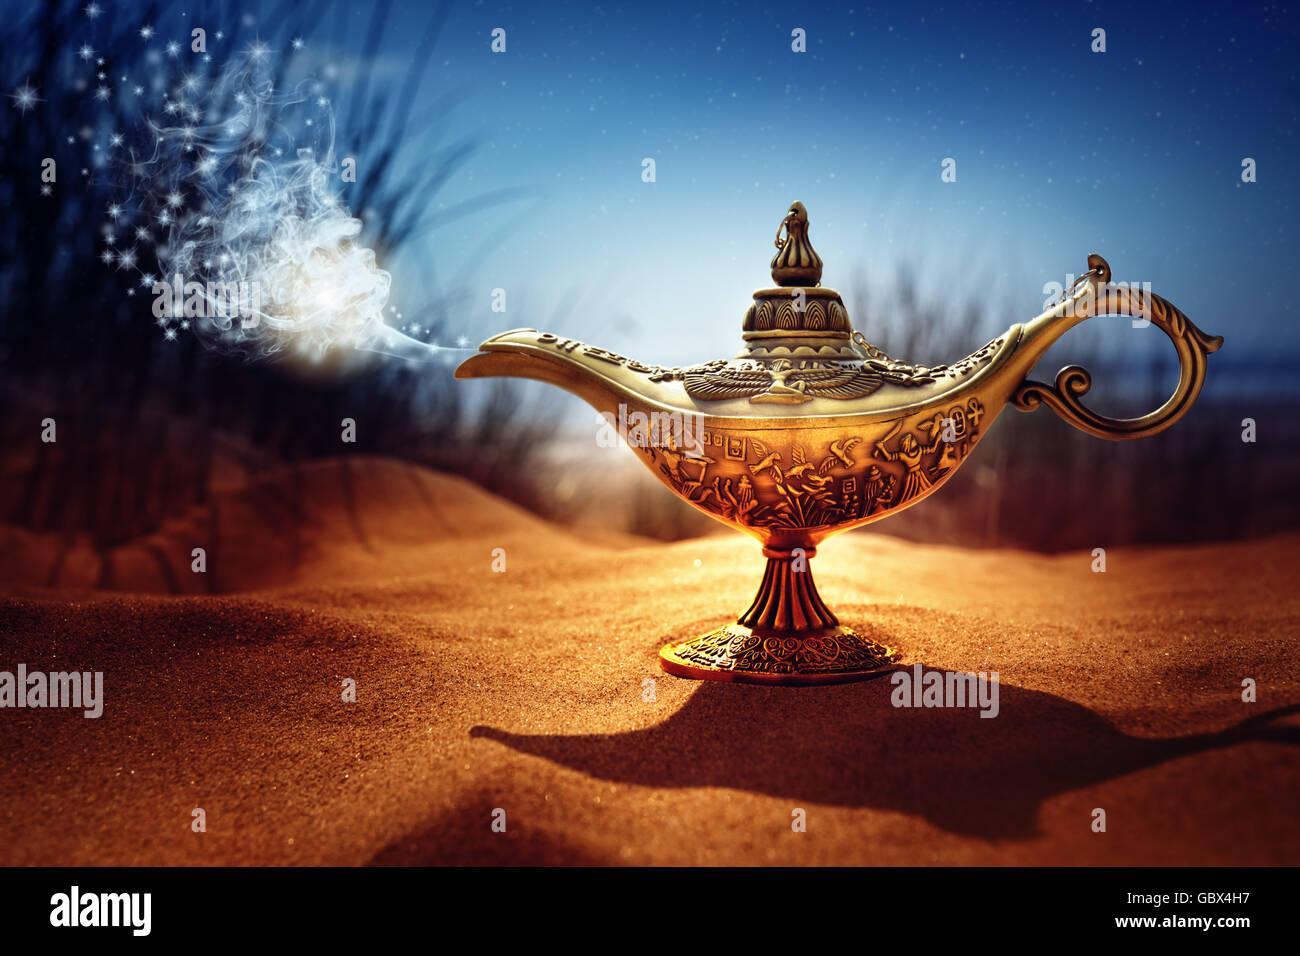 Magia di Aladino lampada Genie Immagini Stock